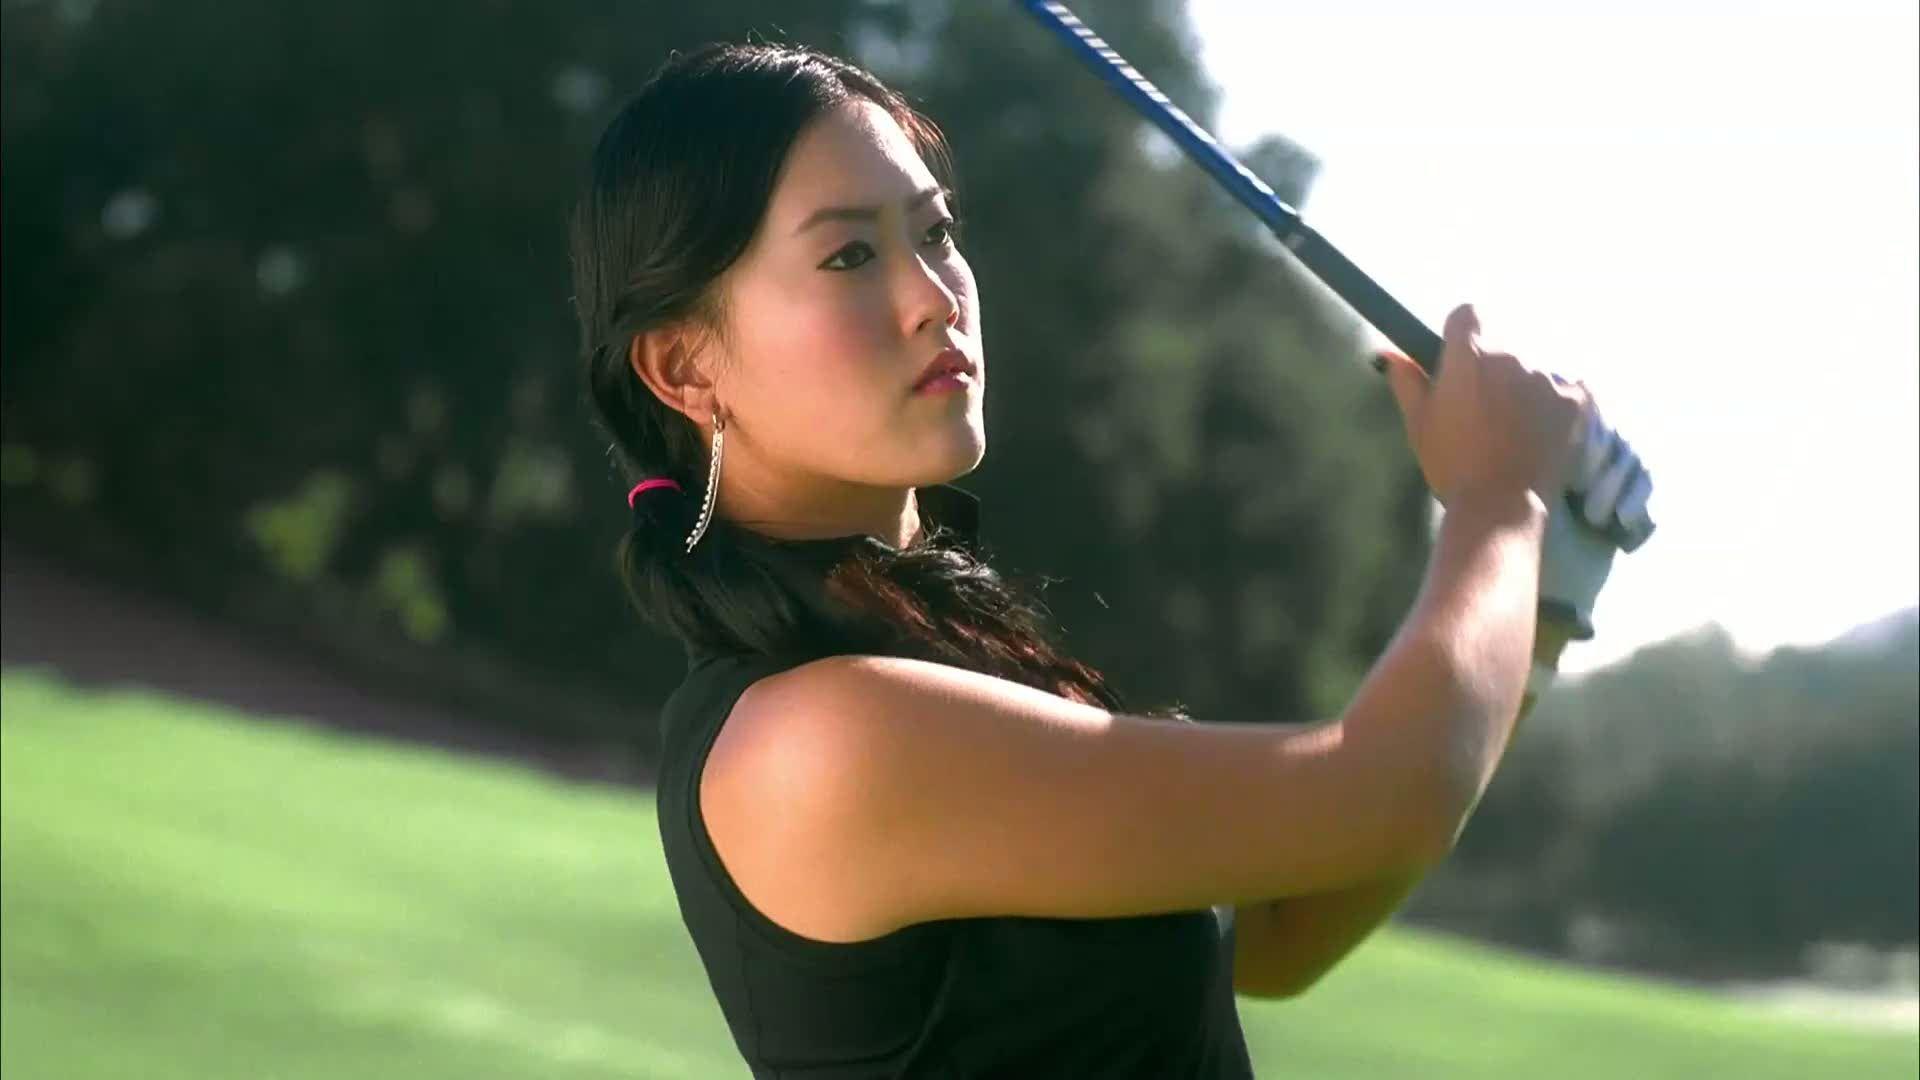 9. Michelle Wie